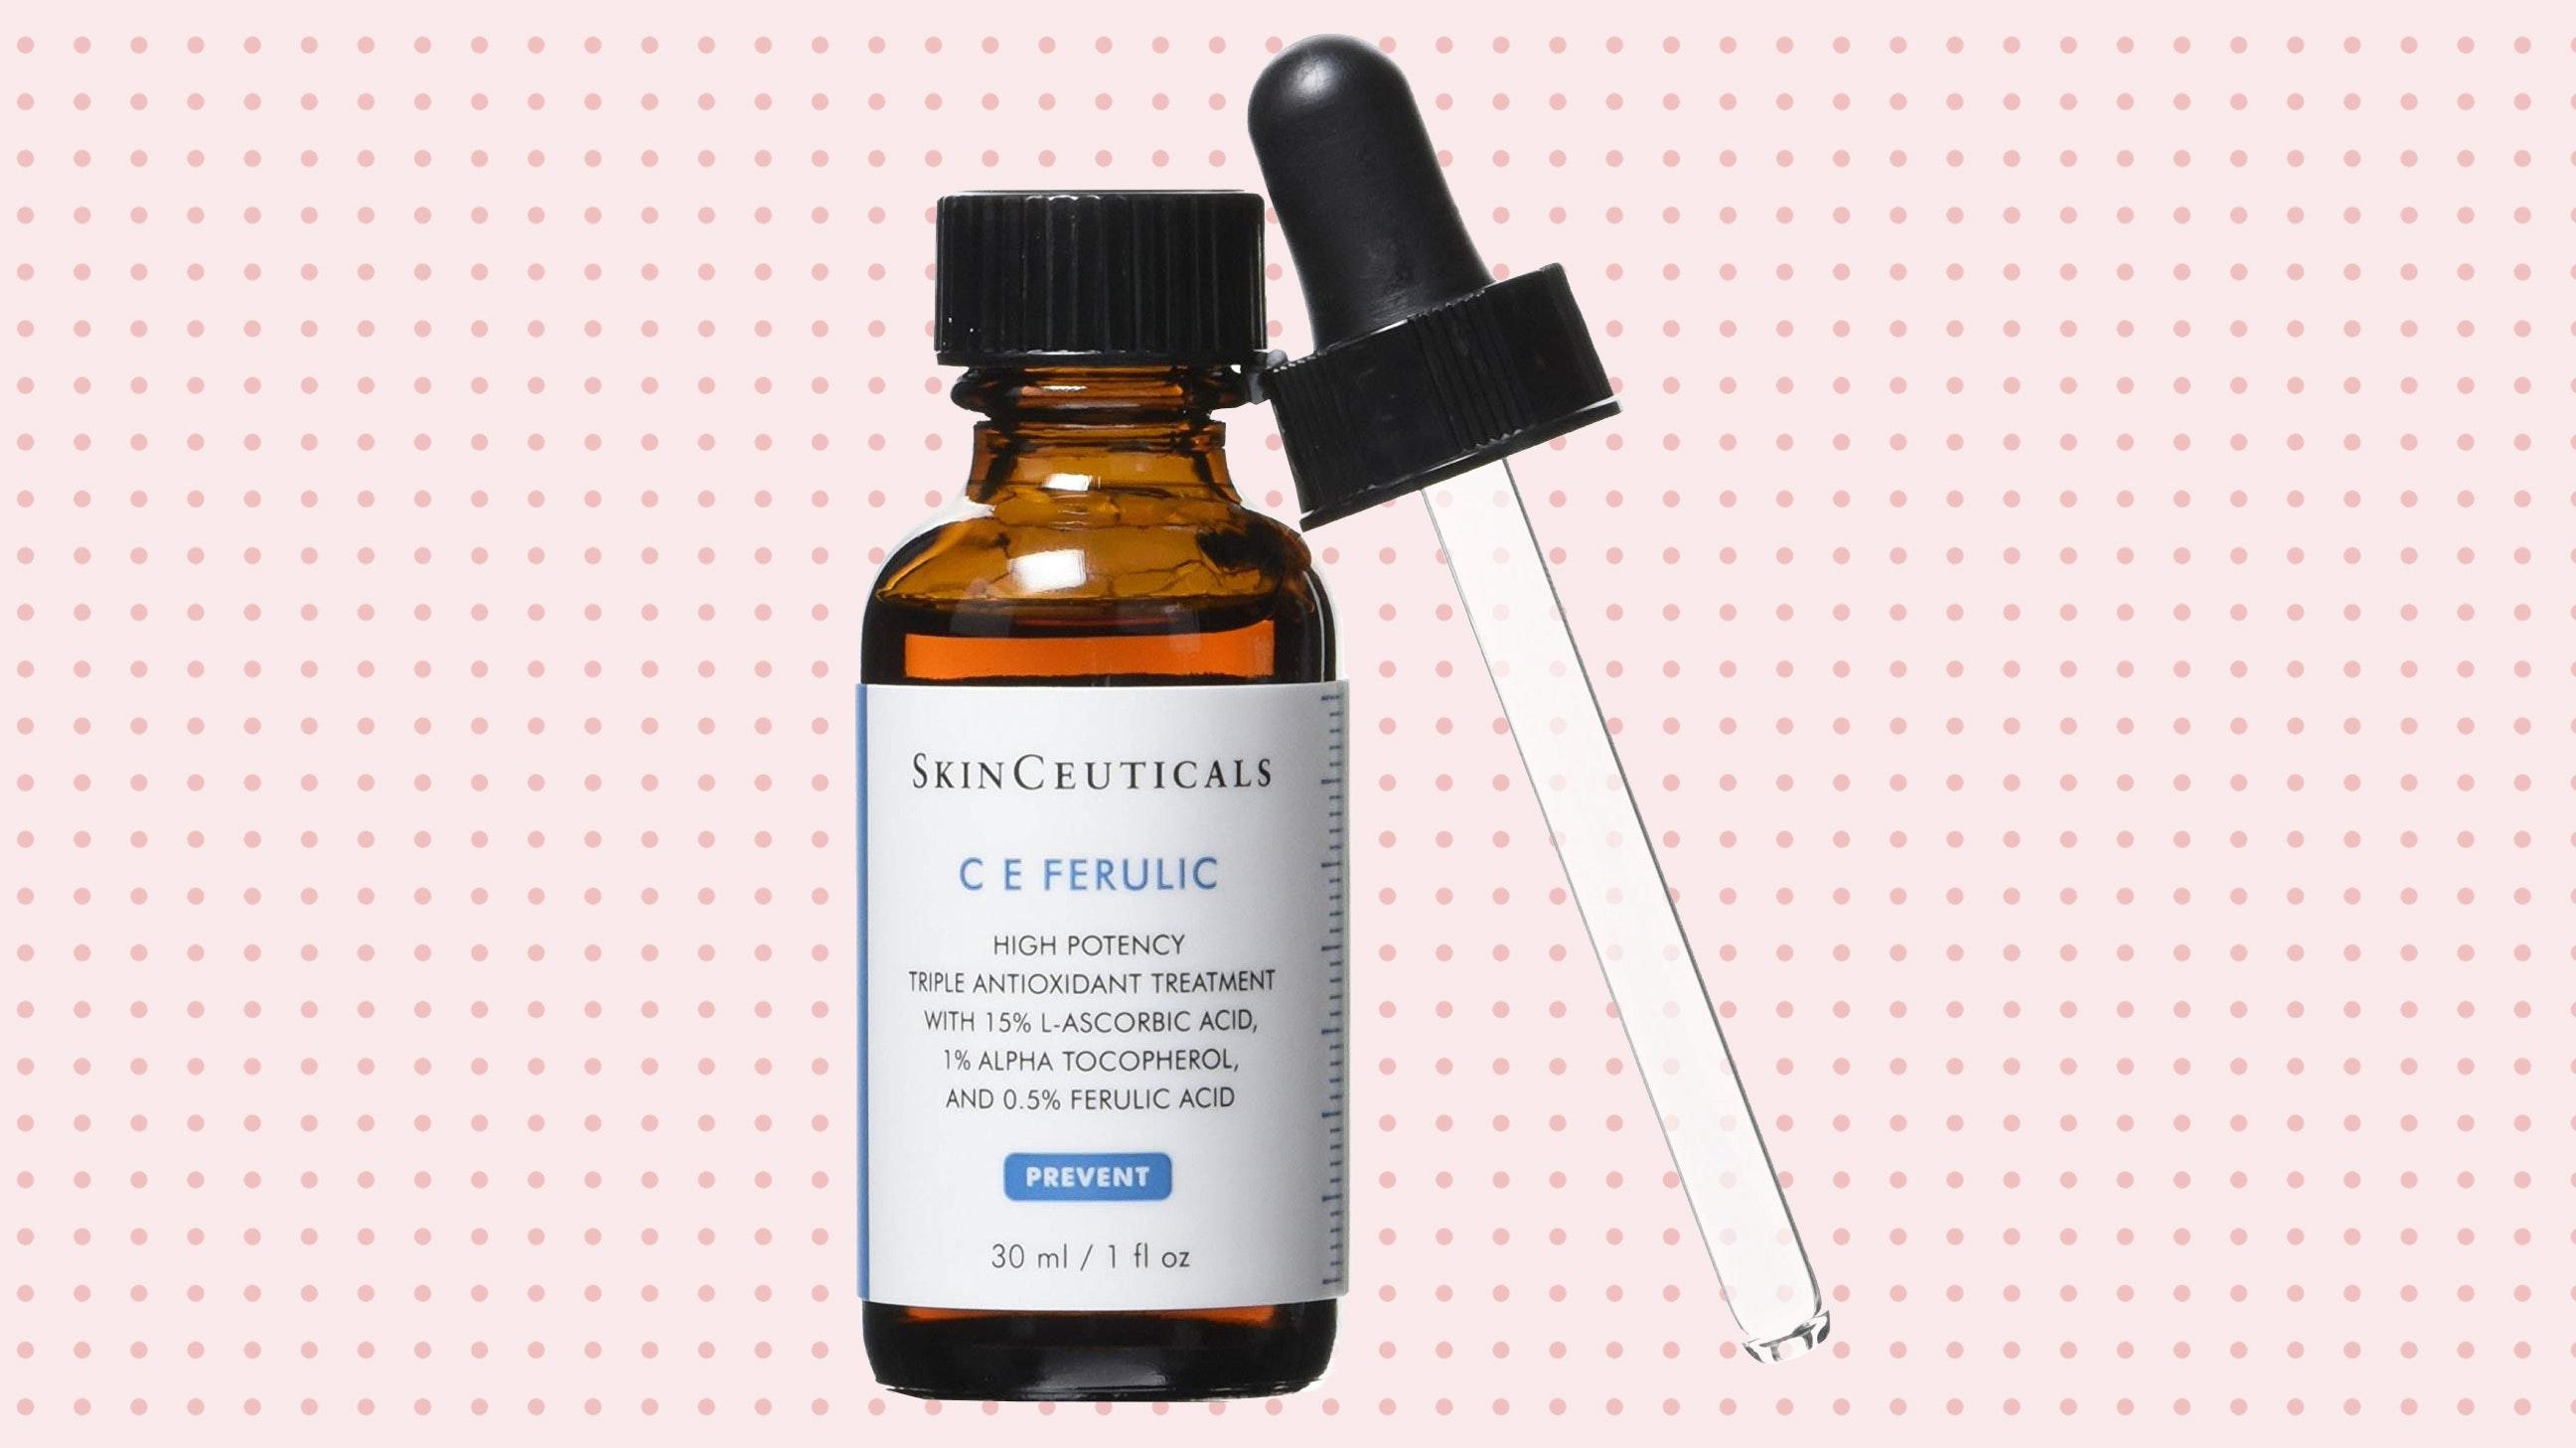 SkinCeuticals C E Ferulic: An Honest Review of a Cult-Classic Serum